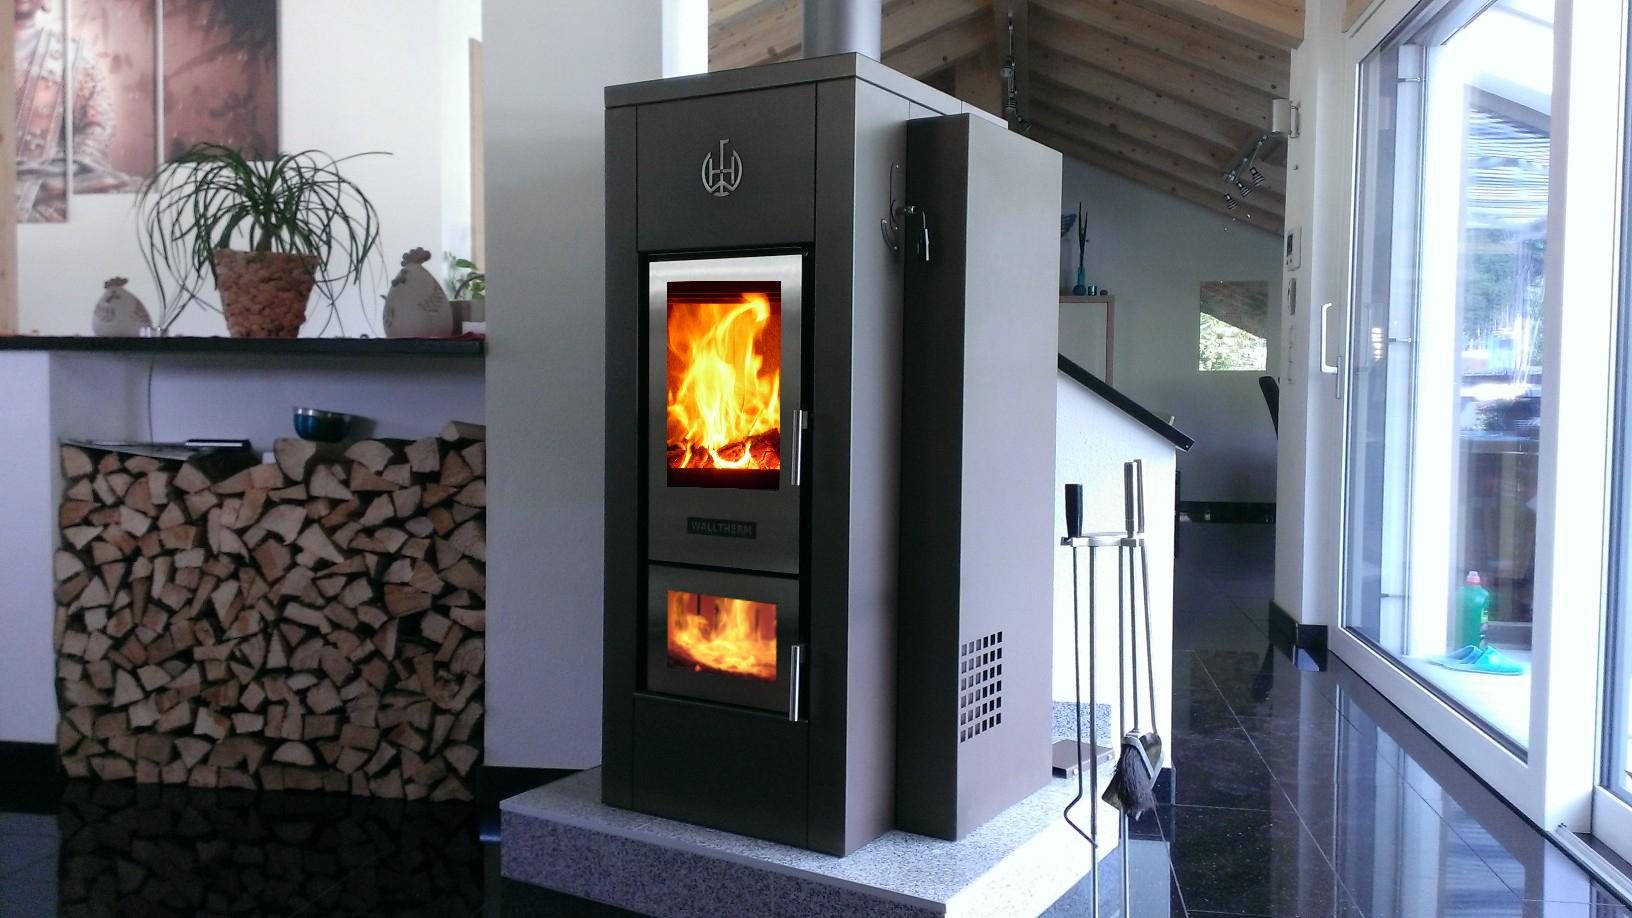 CV Haard - Walltherm houtvergasser via Eco2all #haard #duurzaam #verwarmen